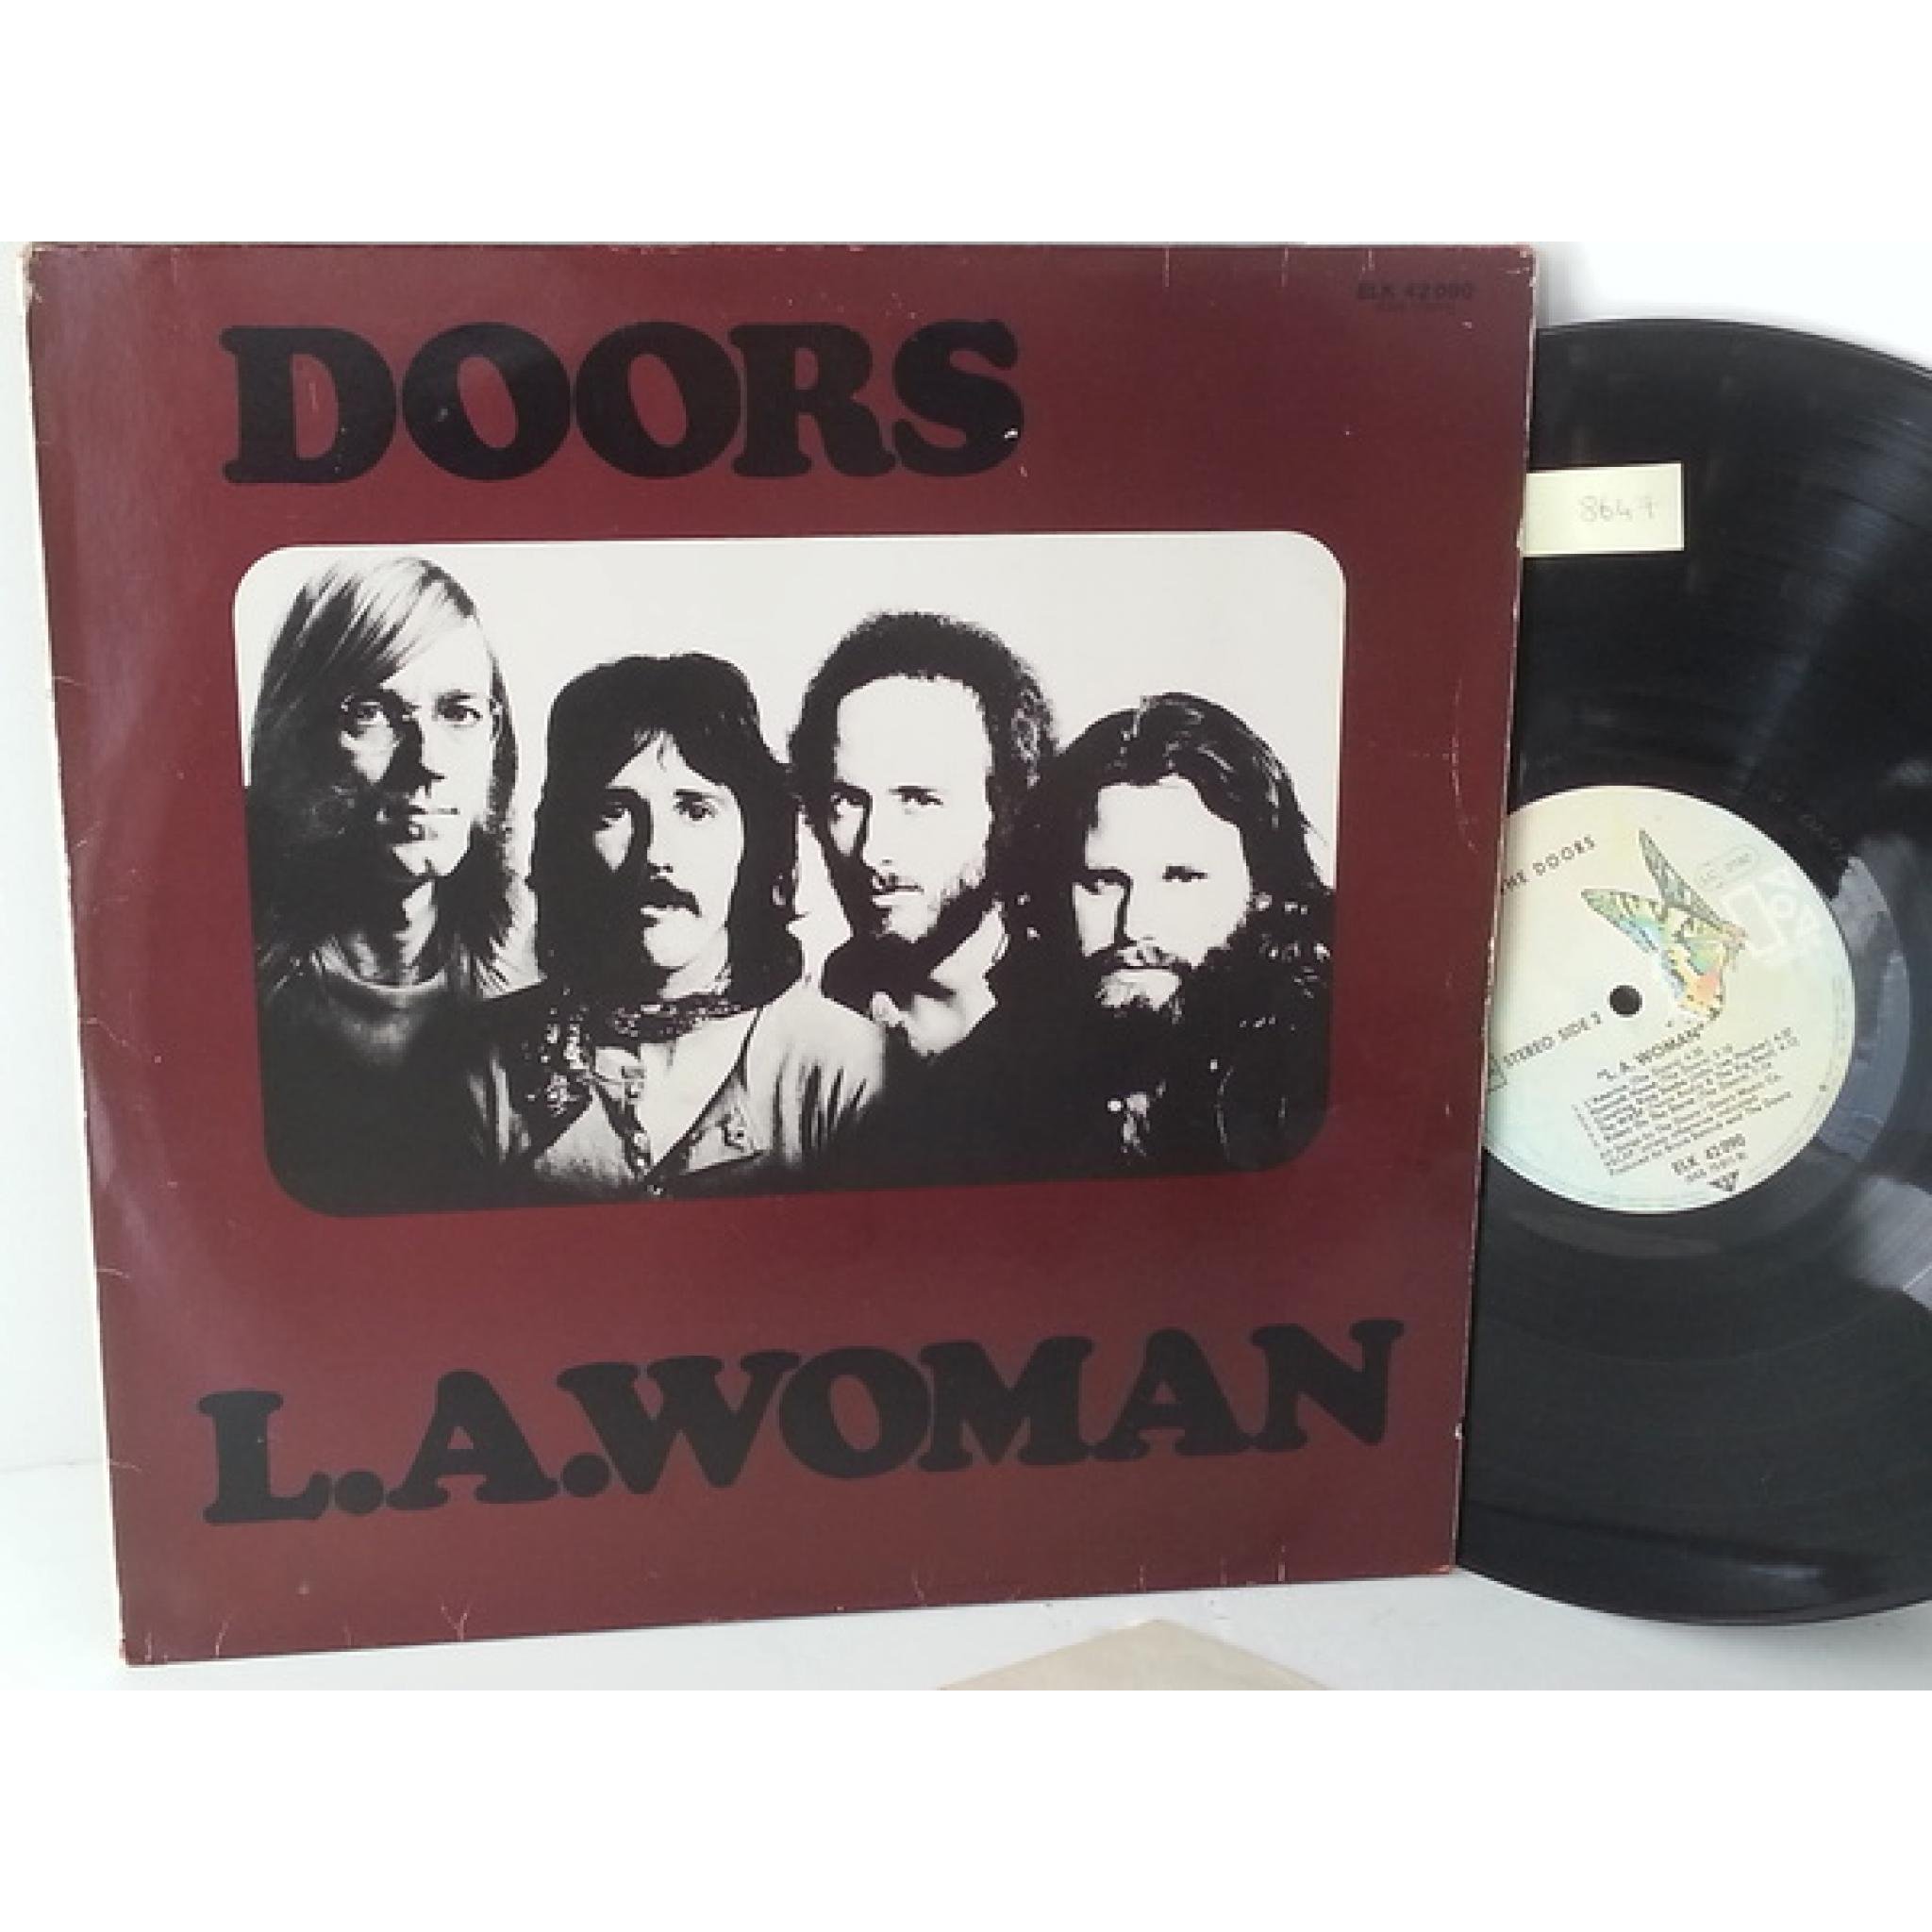 THE DOORS l a woman, ELK 42 090